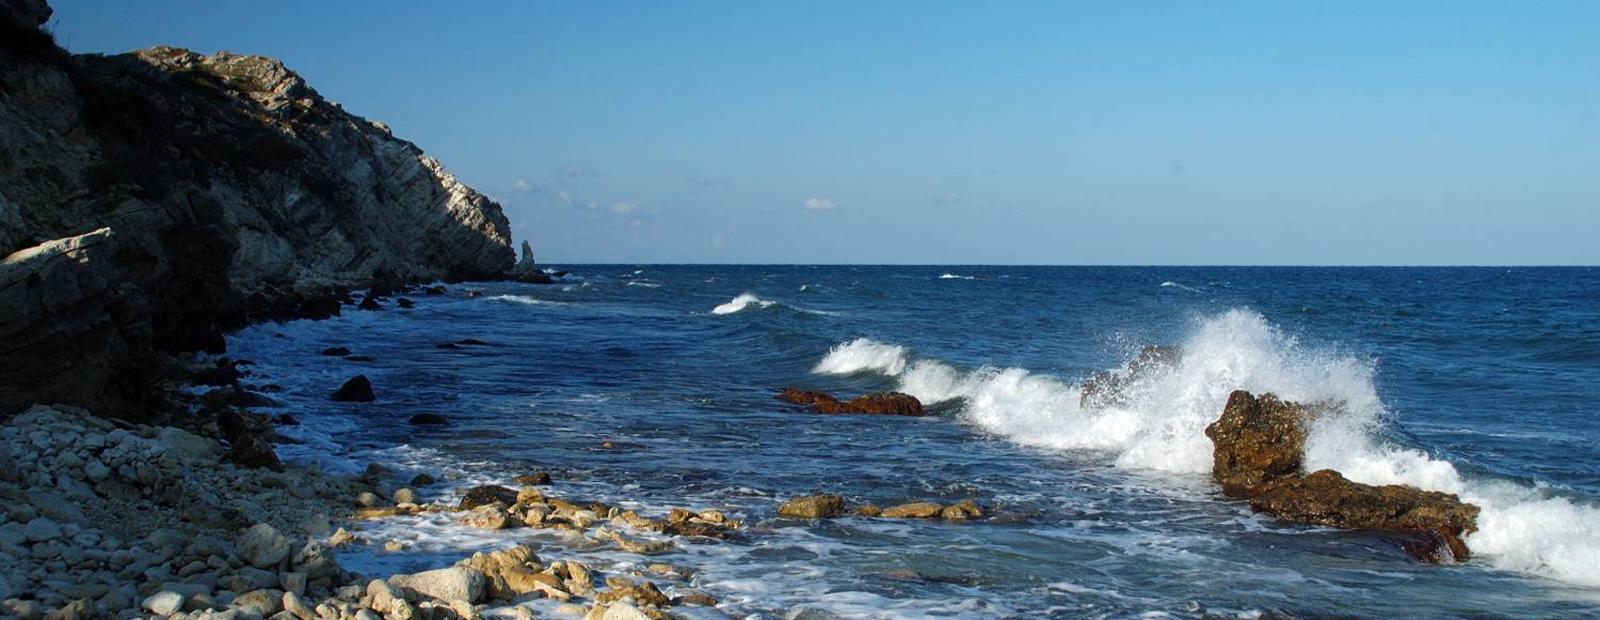 Дикие пляжи чёрного моря фото